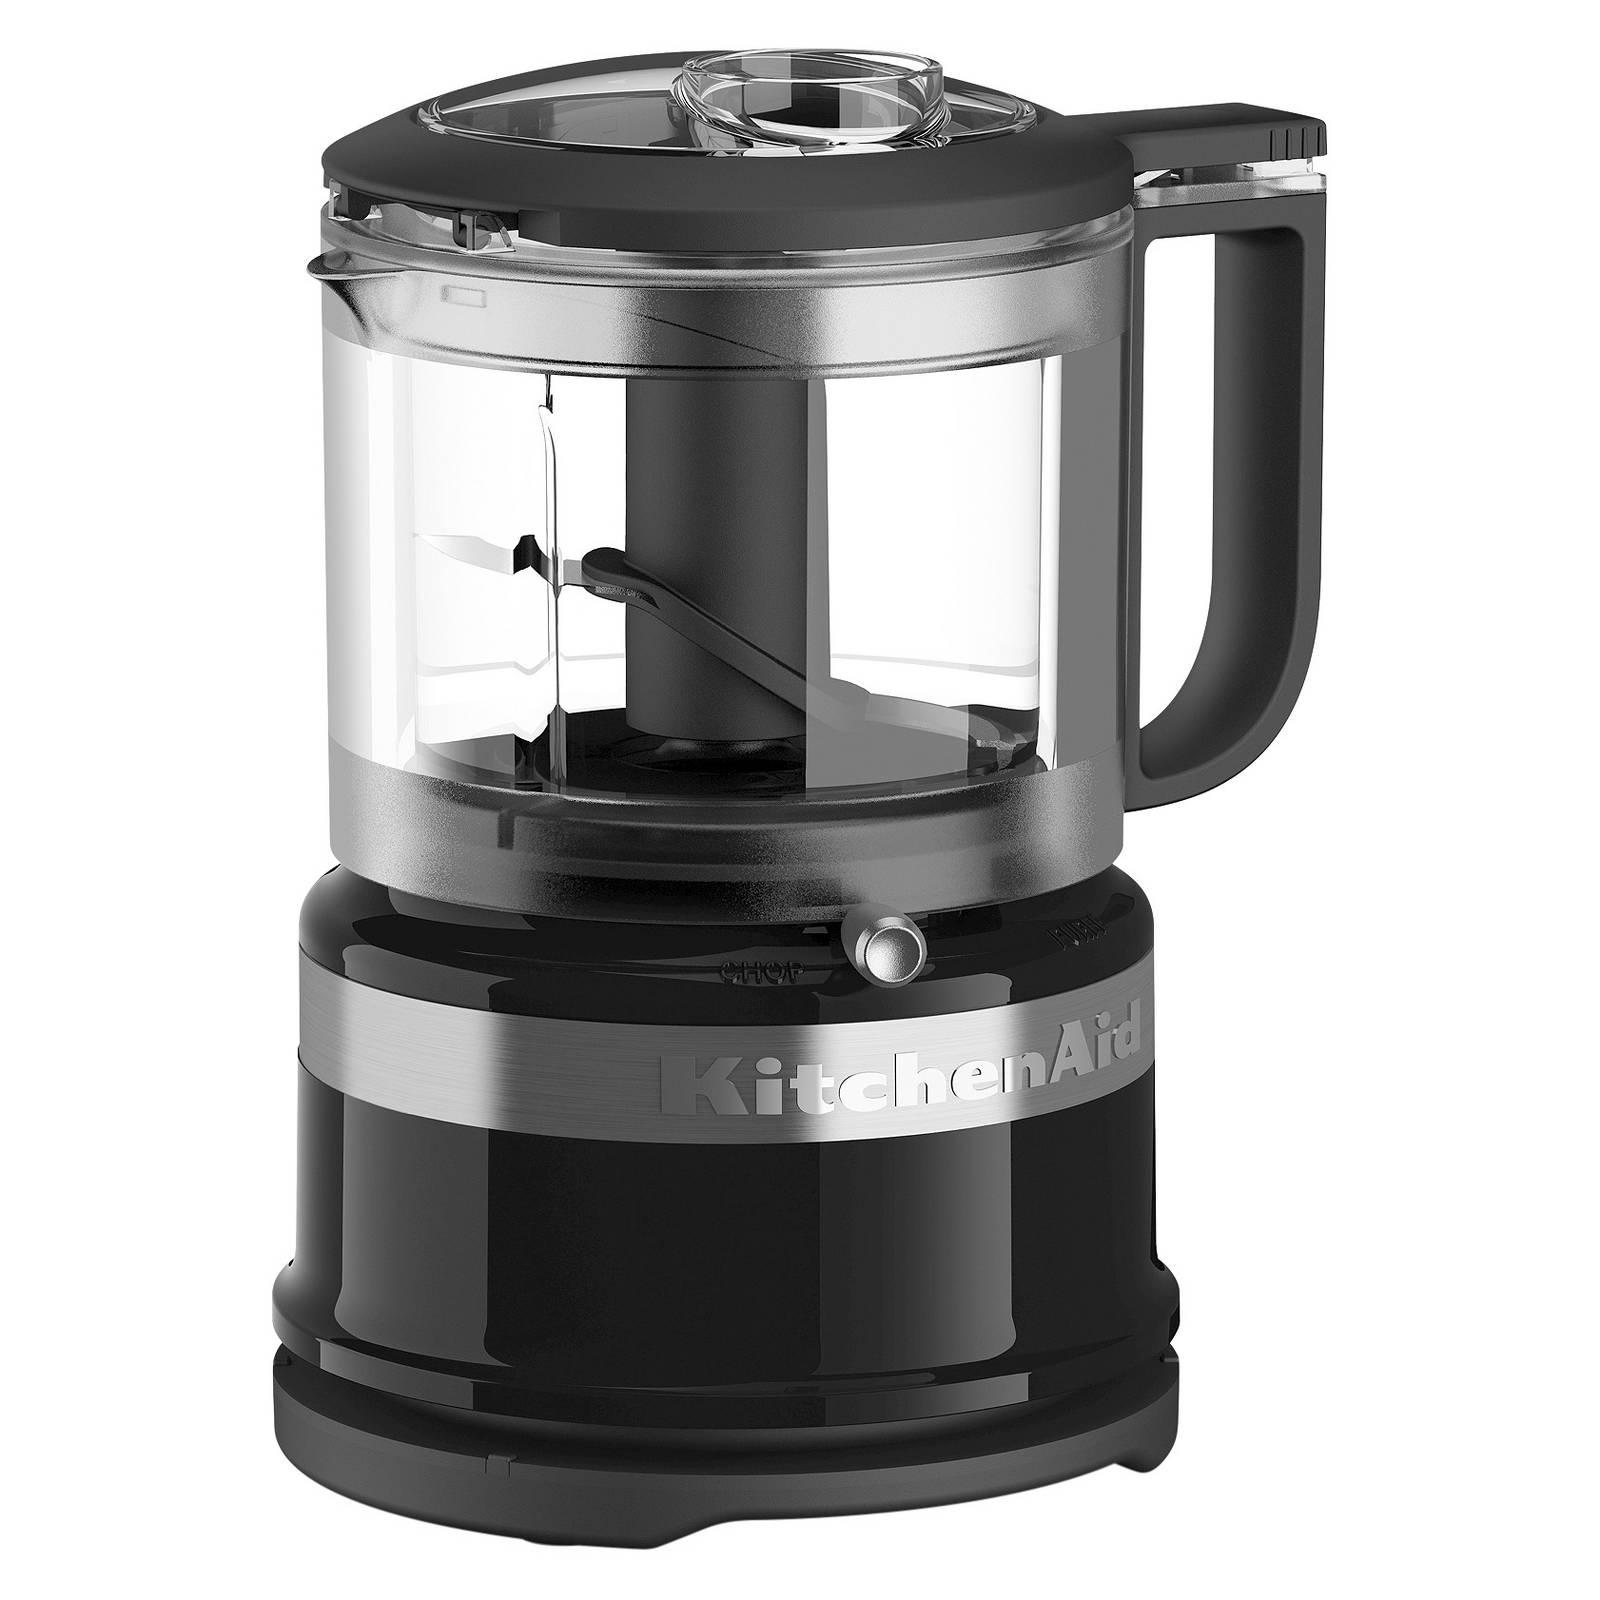 KitchenAid 3.5 Cup Mini Food Processor - (3 Colors) $29.99  + fs